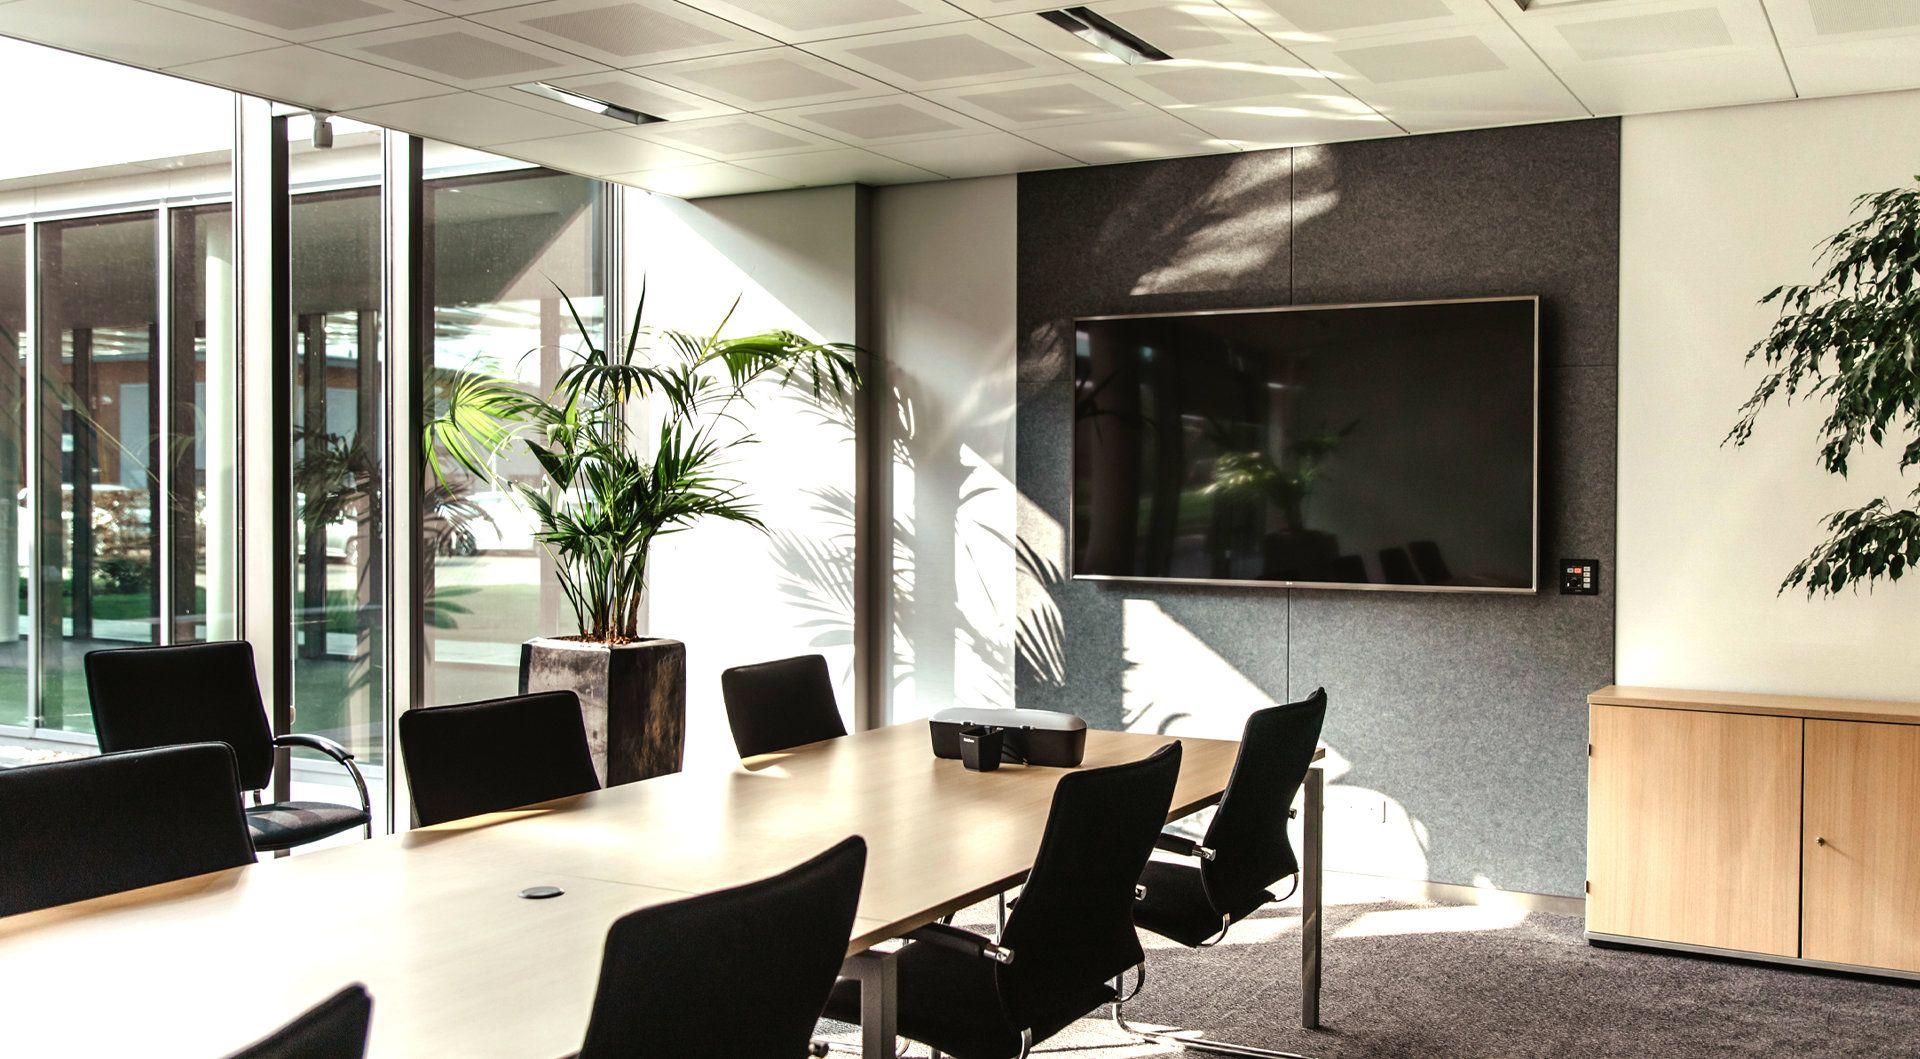 Projecta Elpro Large Electrol 300x400 Matte White M projectiescherm - Case studie de vries